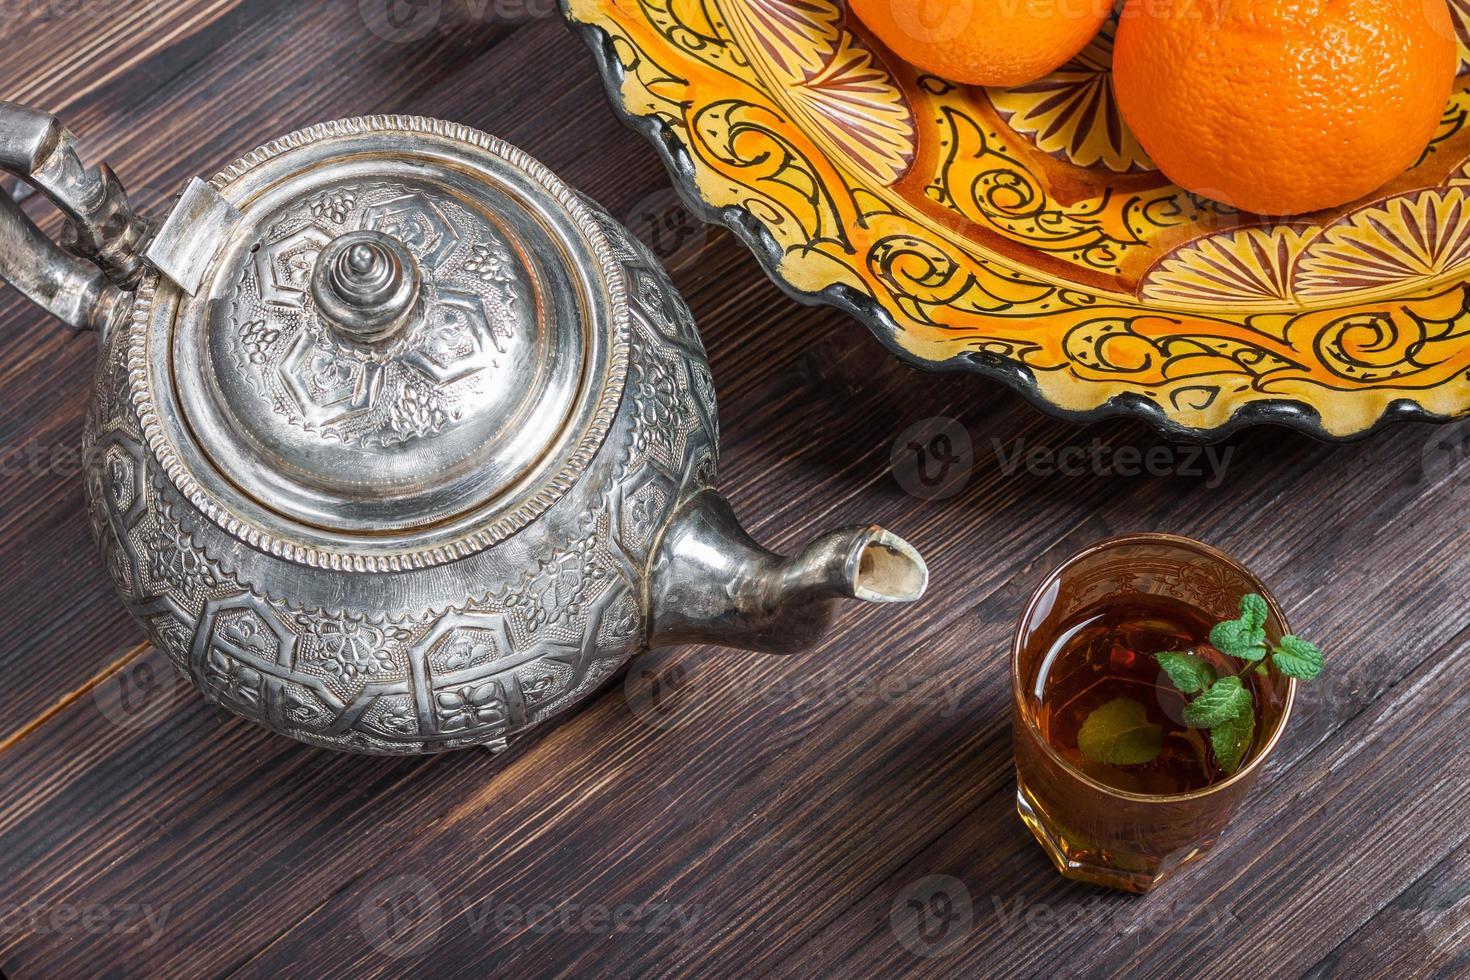 tè marocchino alla menta, bollitore e piatto con ornamenti tradizionali foto